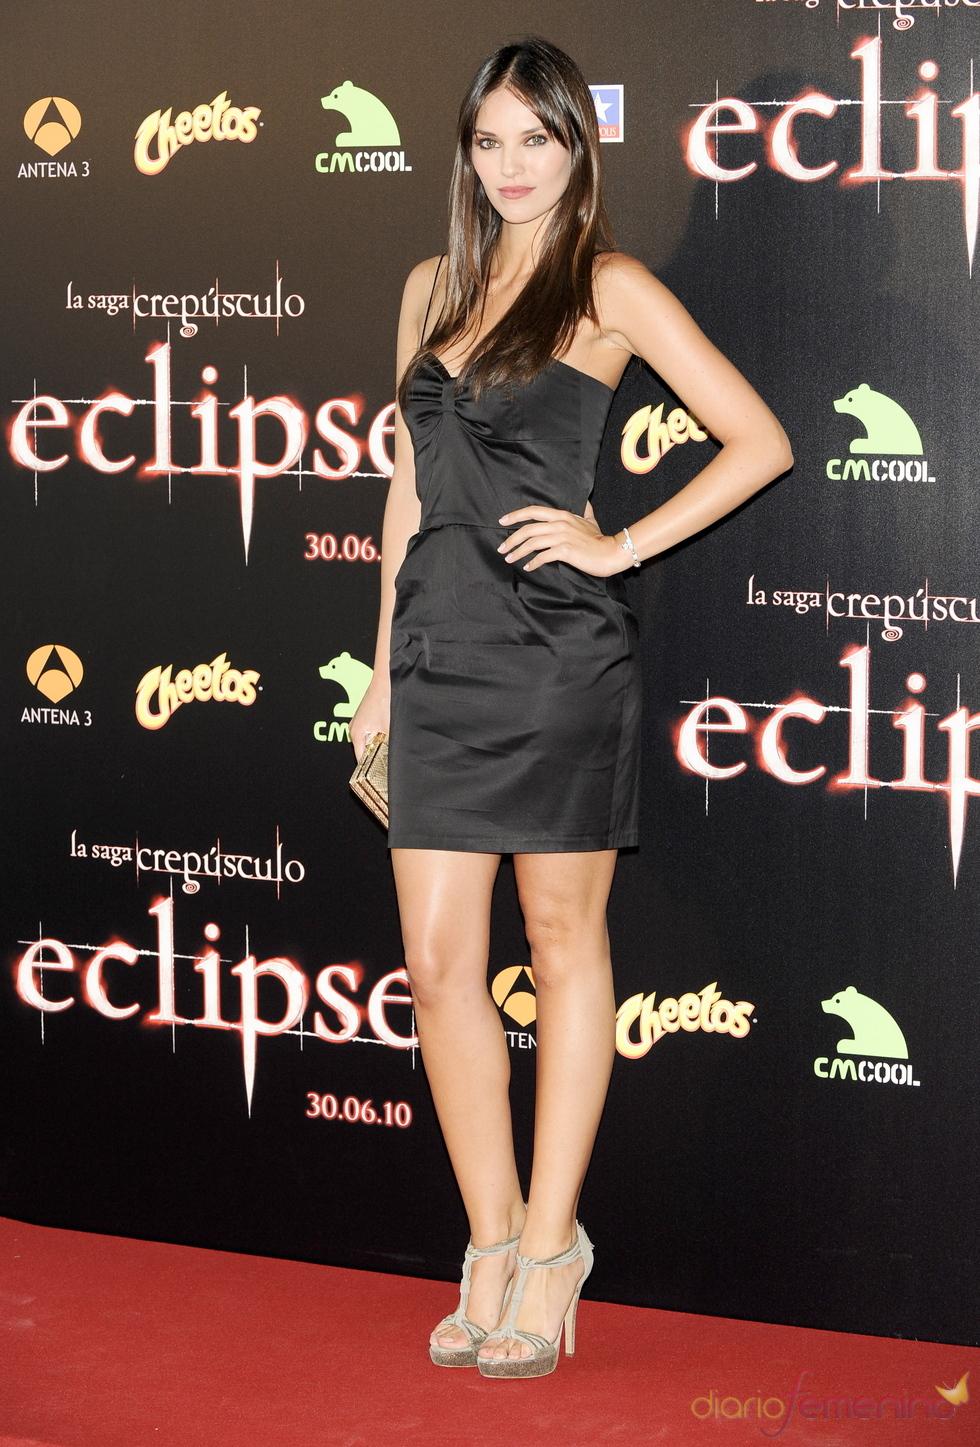 Helen Lindes en la premiere de 'Eclipse' en Madrid